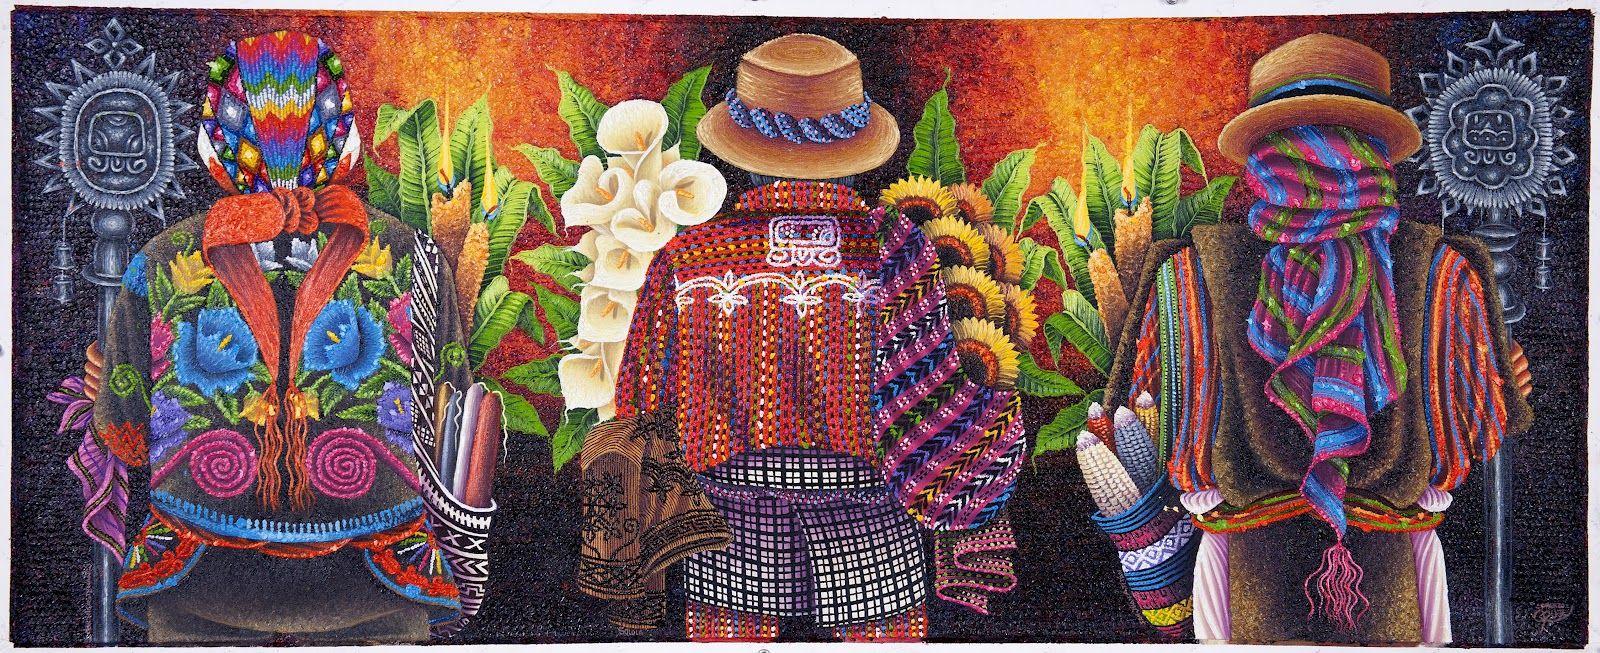 Vendedor de girasol y cartuchos. Lorenzo cruz sunu - Guatemala